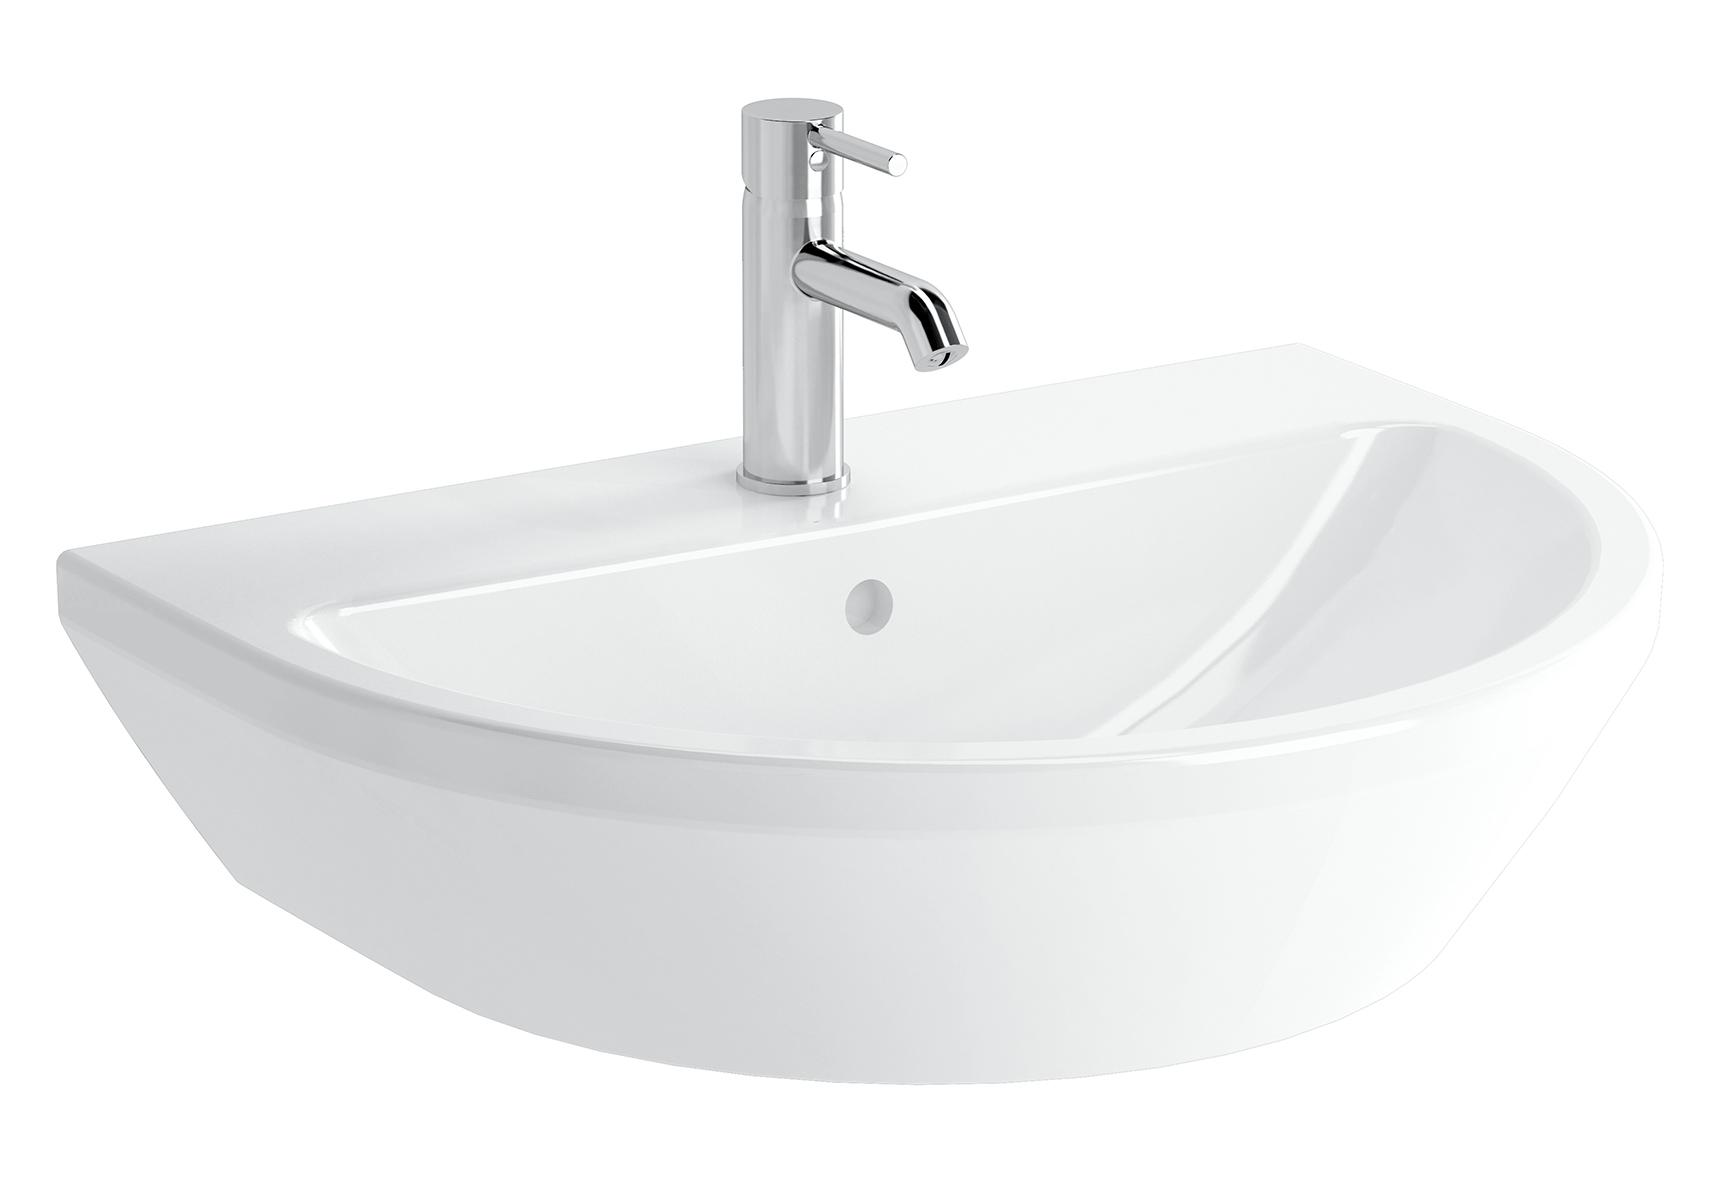 Integra lavabo rond, 65 cm, sans trou de robinet, sans trop-plein